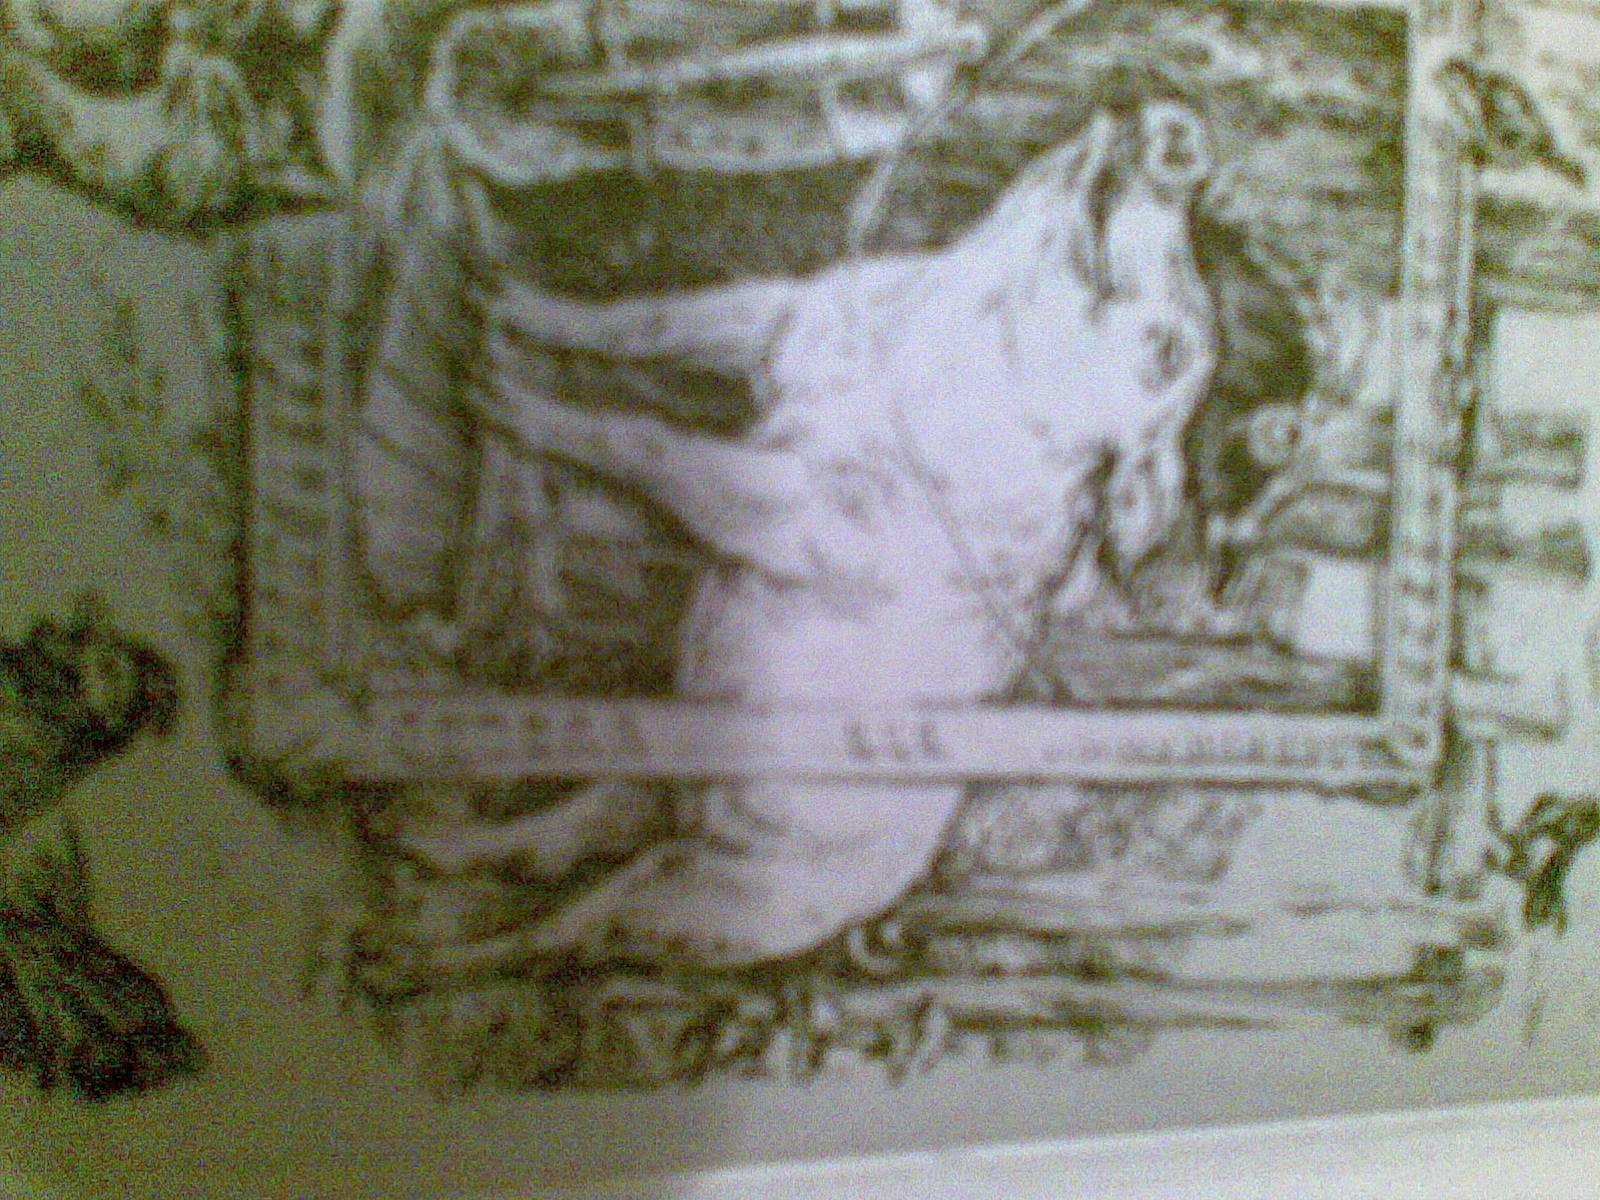 Иллюстрация 1 из 3 для Бейб, знаменитый поросенок: Повести - Дик Кинг-Смит | Лабиринт - книги. Источник: Юлия7